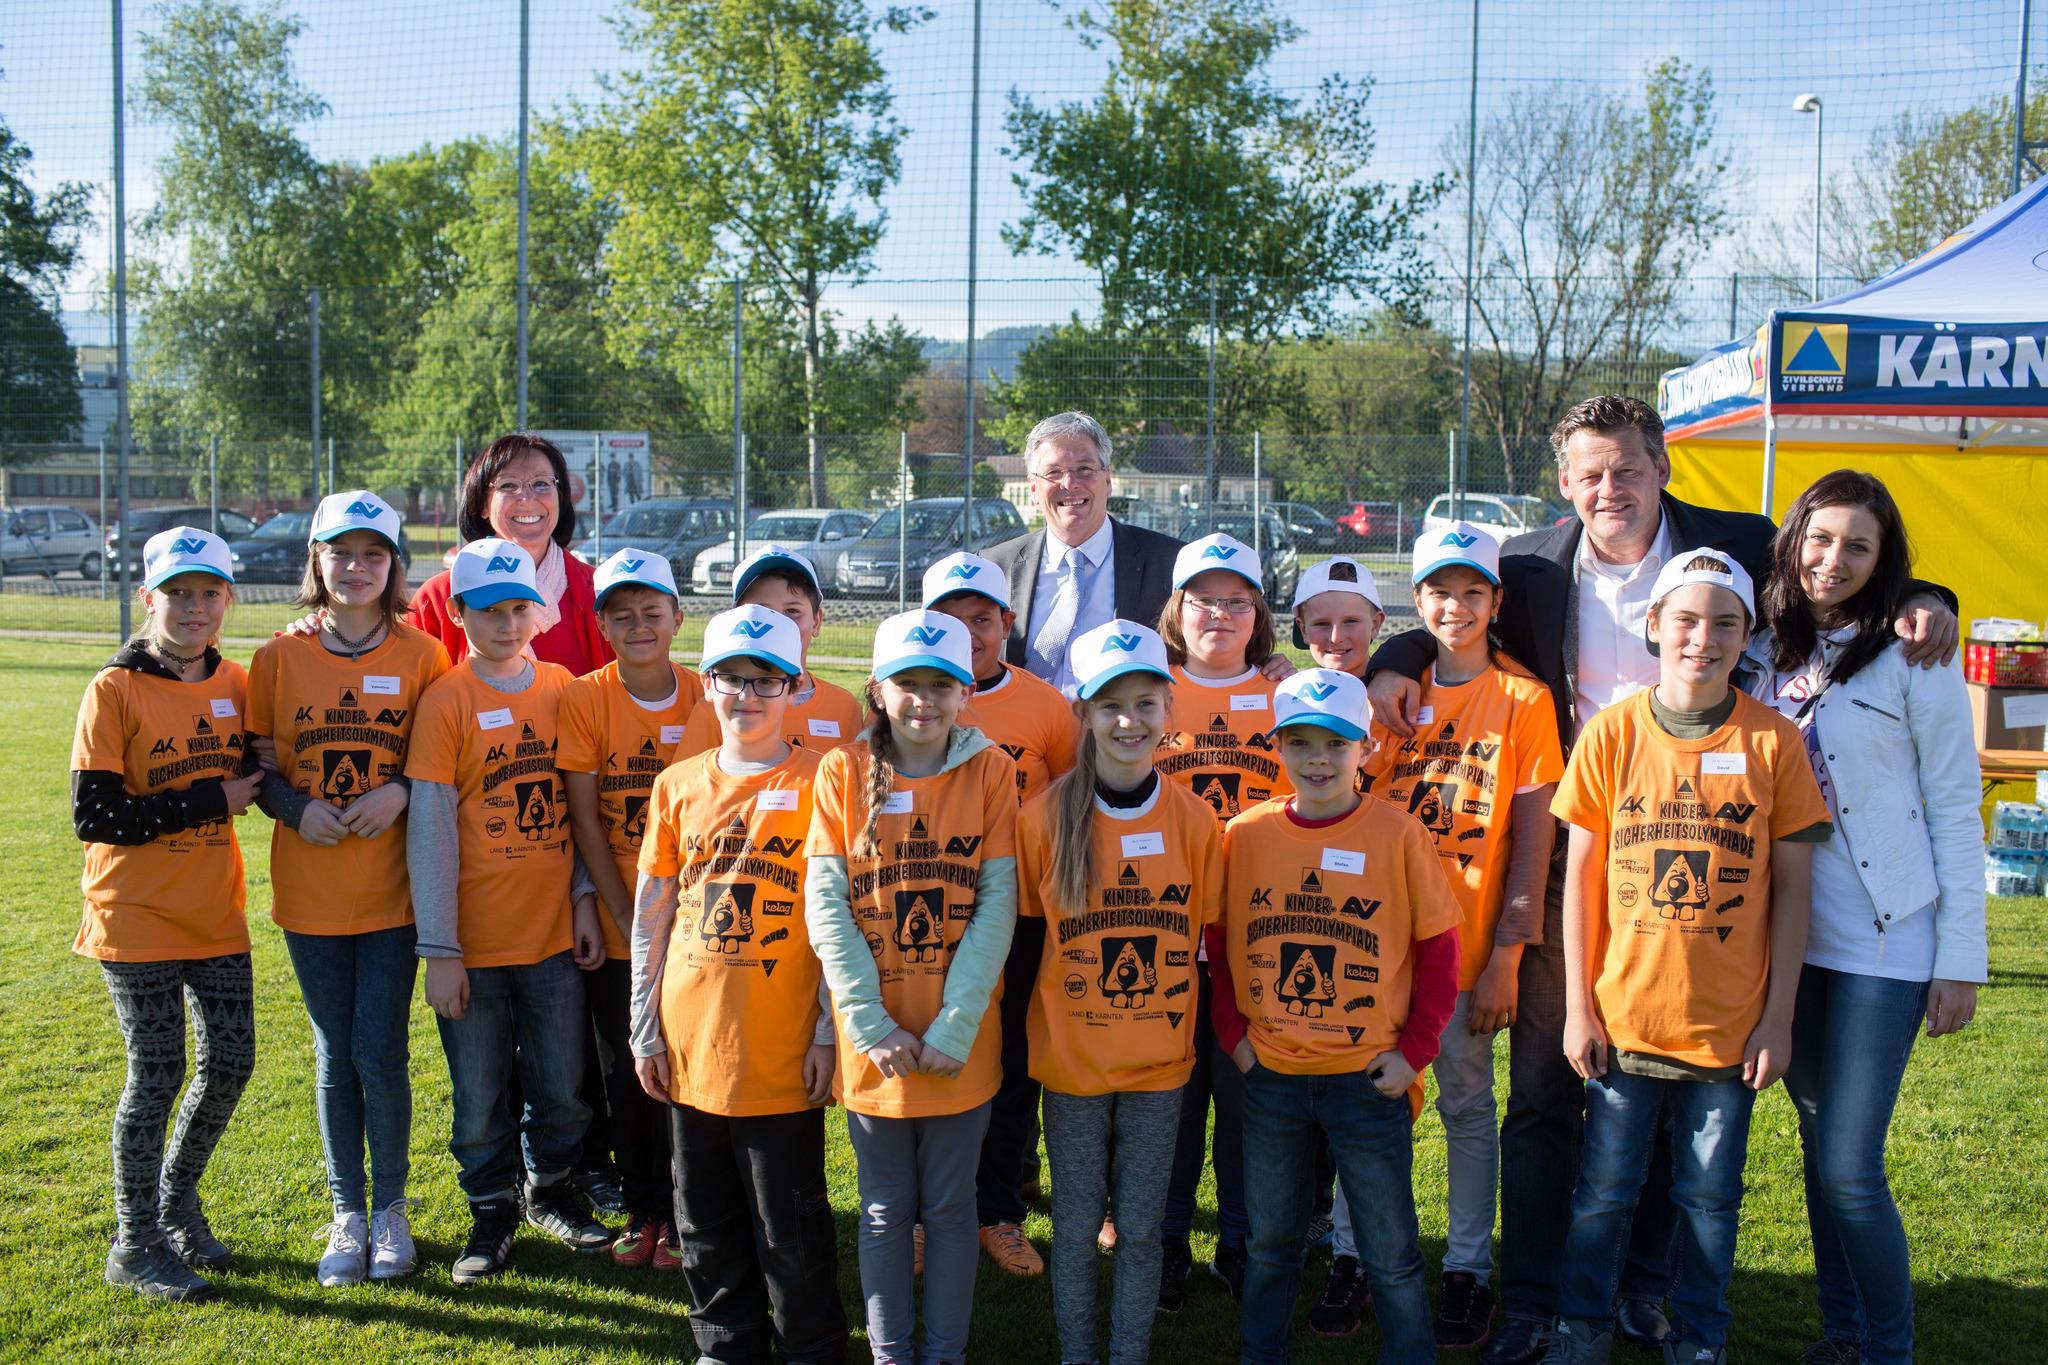 Kontakt partnervermittlung aus hrtendorf: Mhldorf bei feldbach